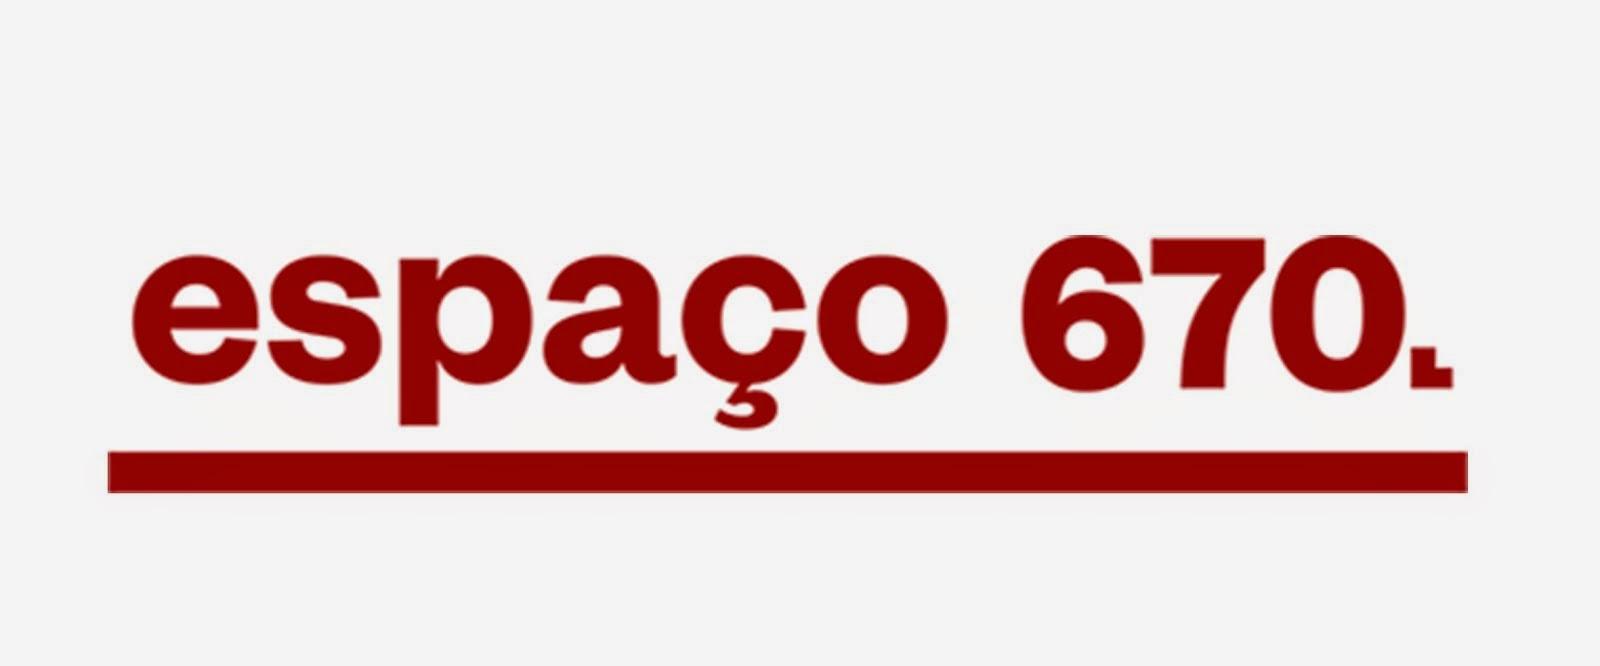 Espaço 670